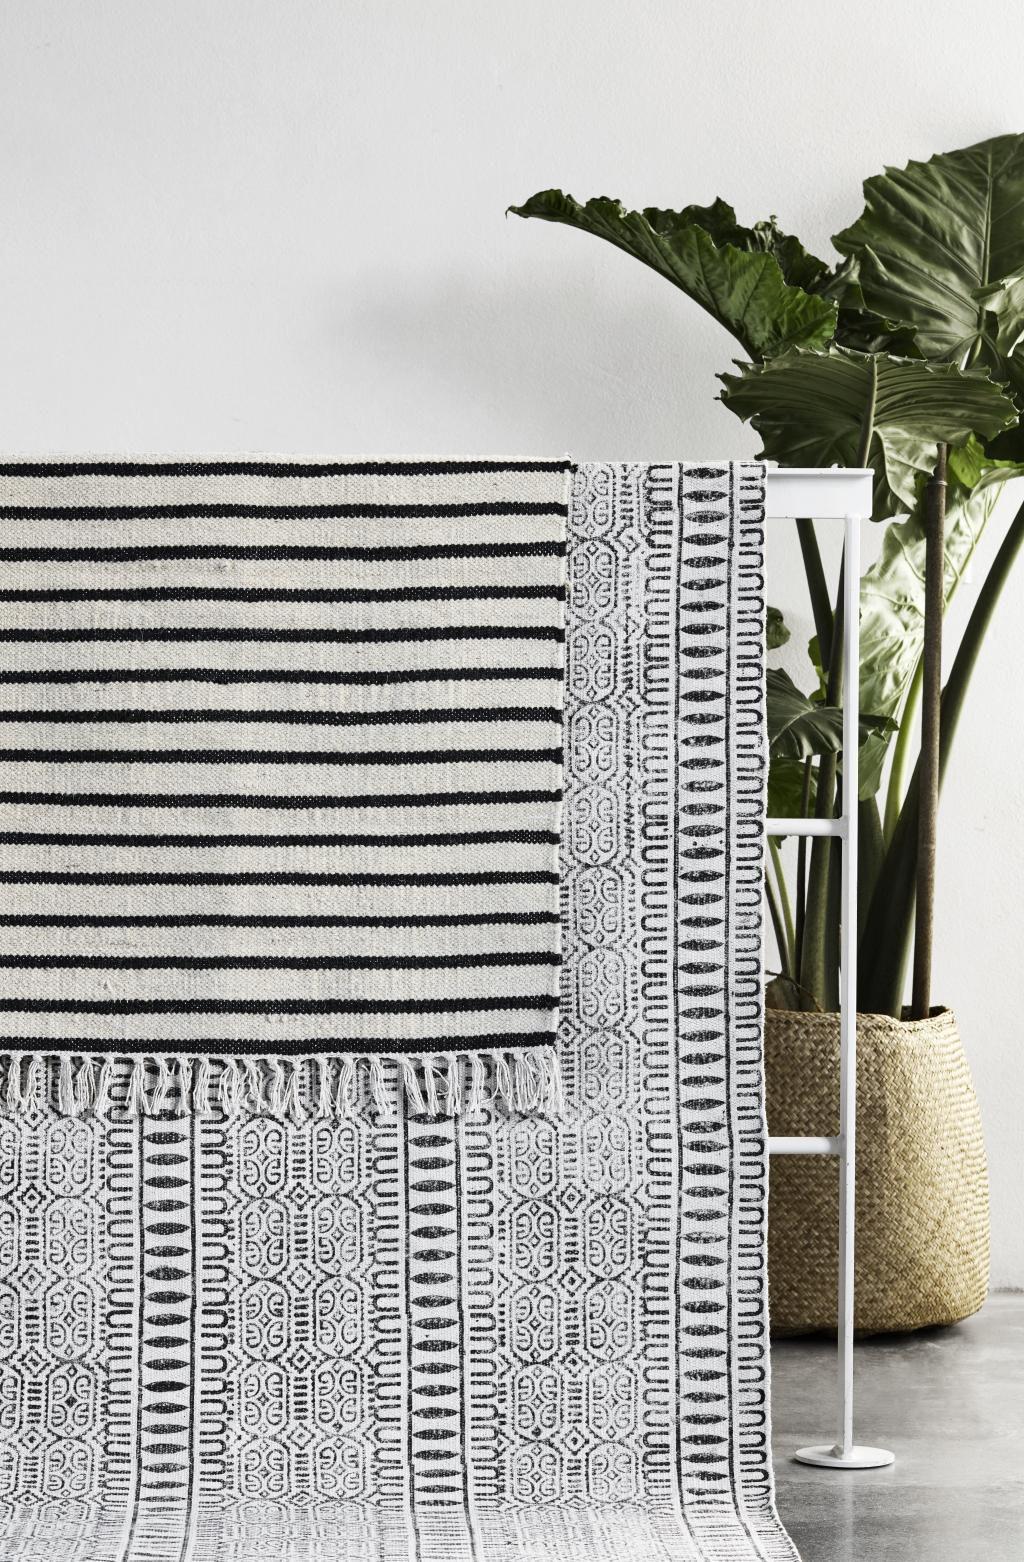 nordal-vloerkleed-stripes-100-katoen-zwart-wit-streep-90x60.jpg